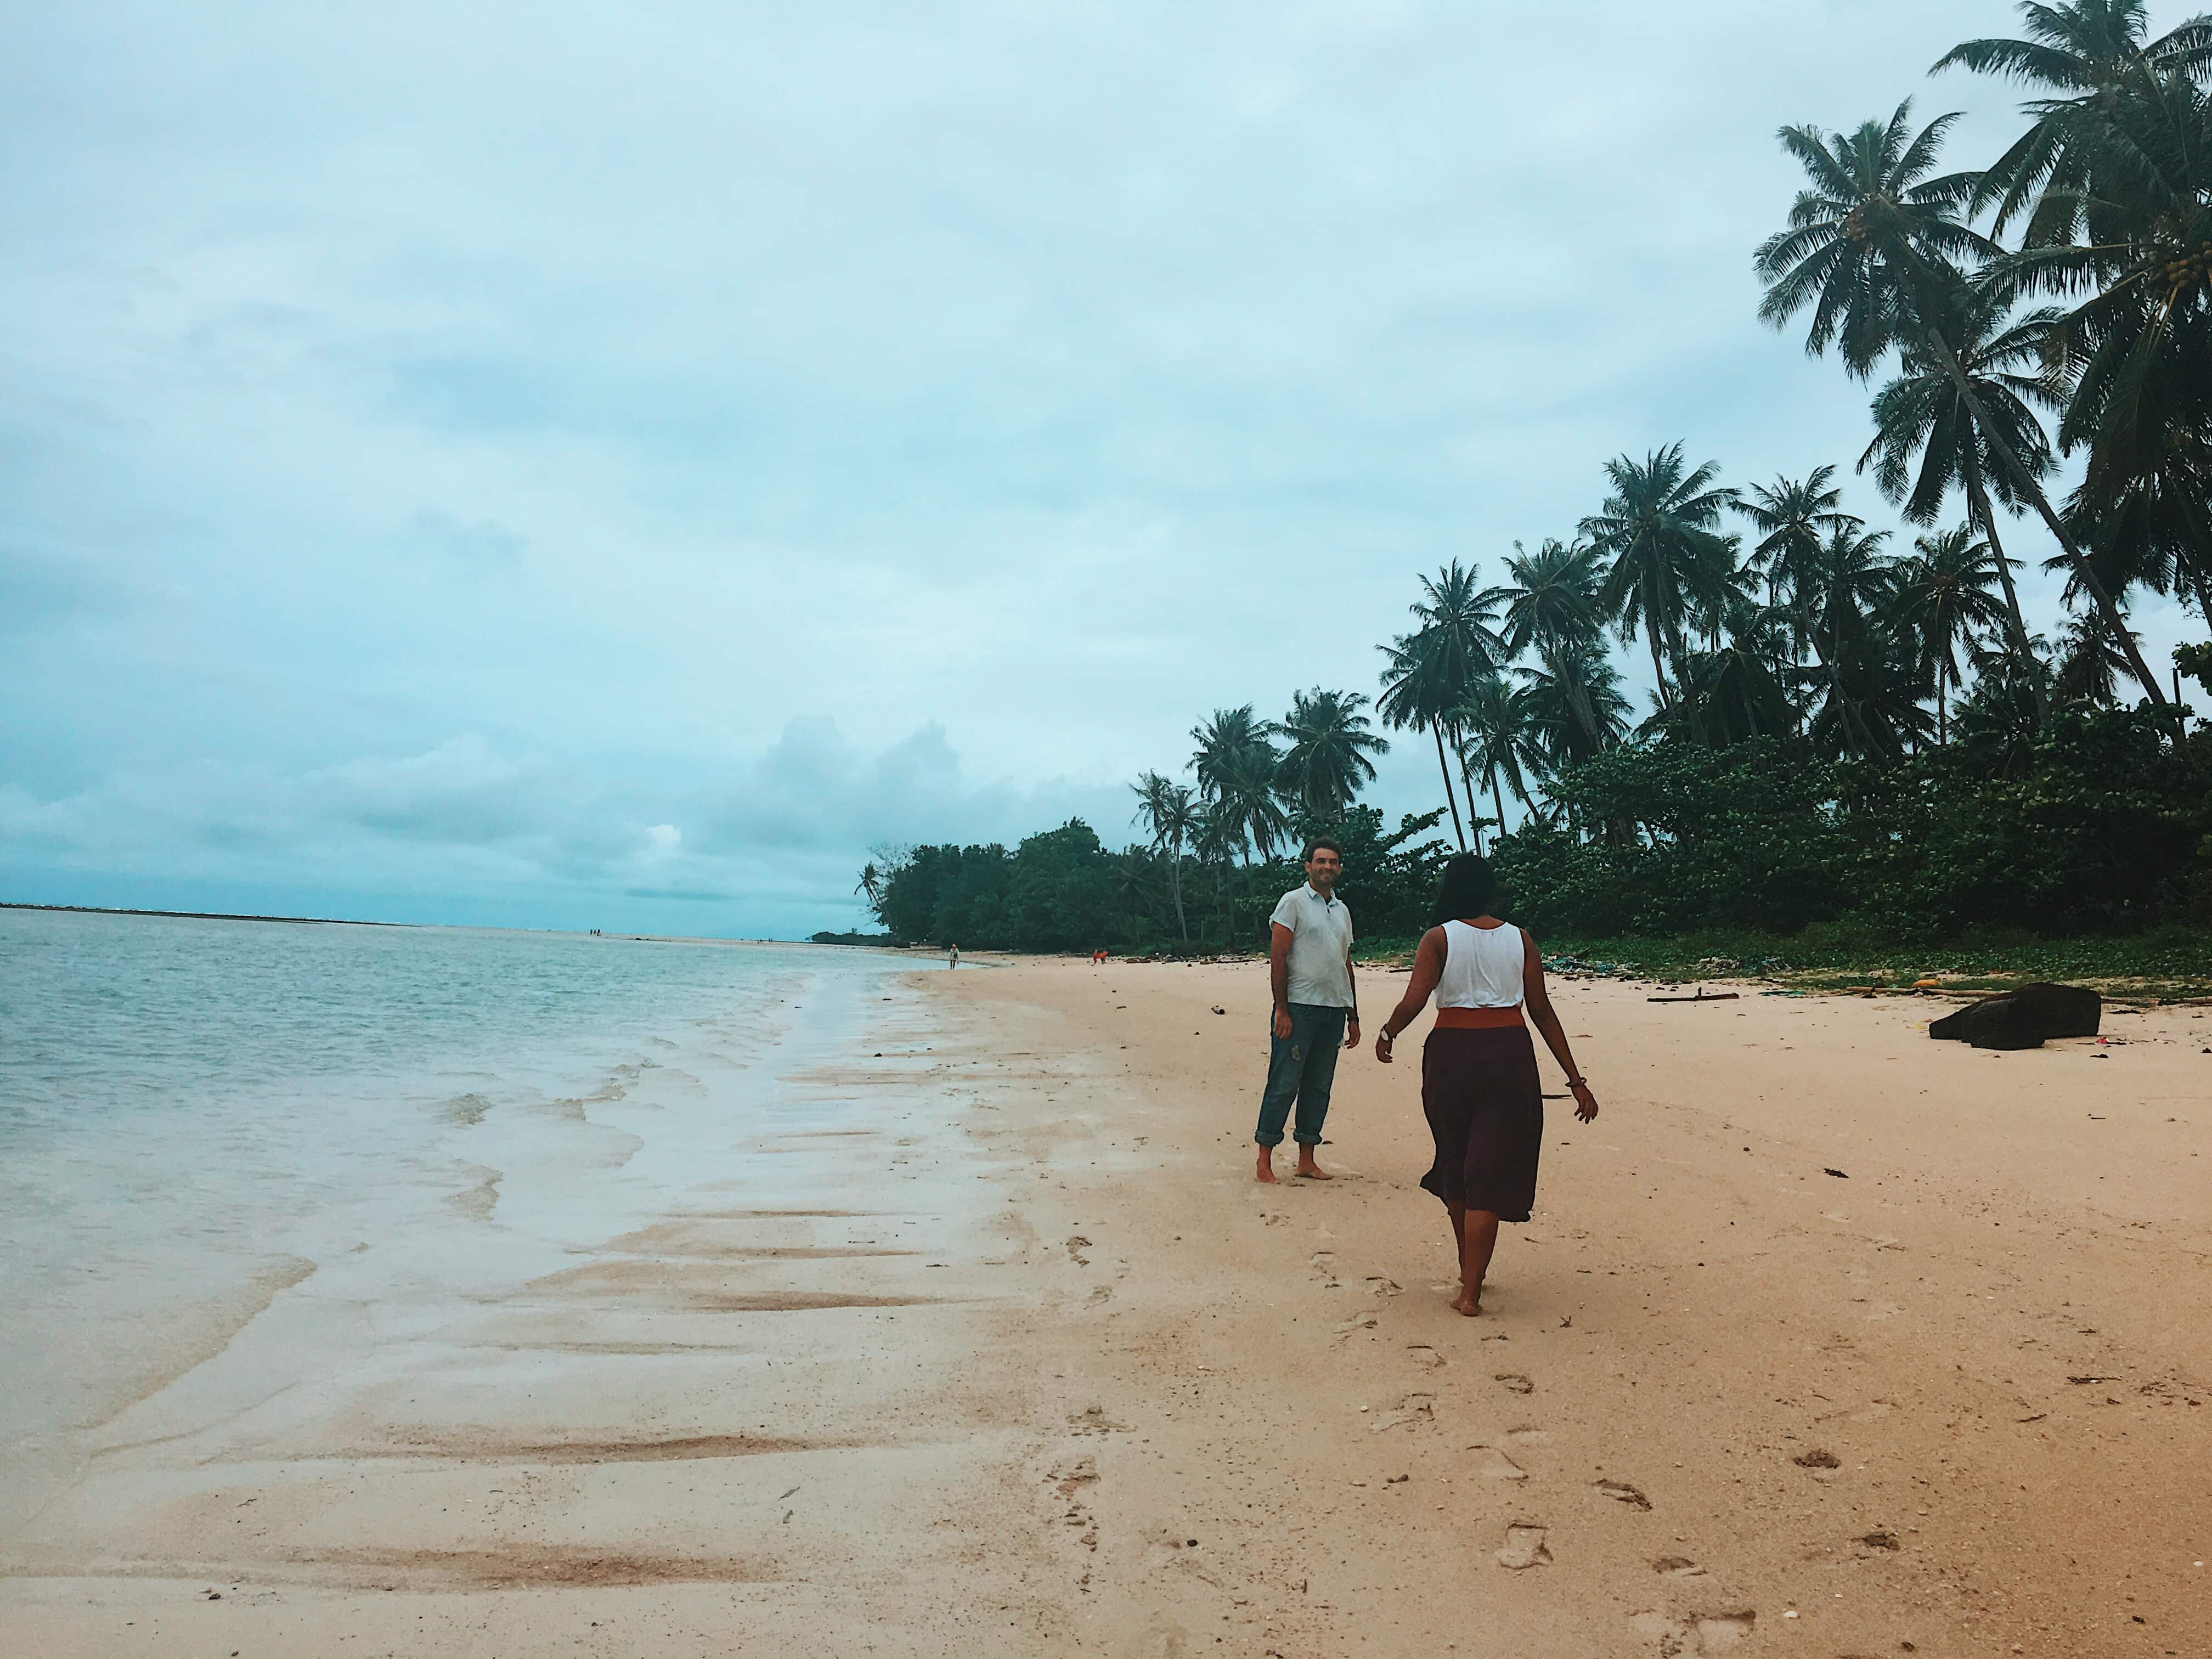 Walking around the beach at X2 Koh Samui Resort